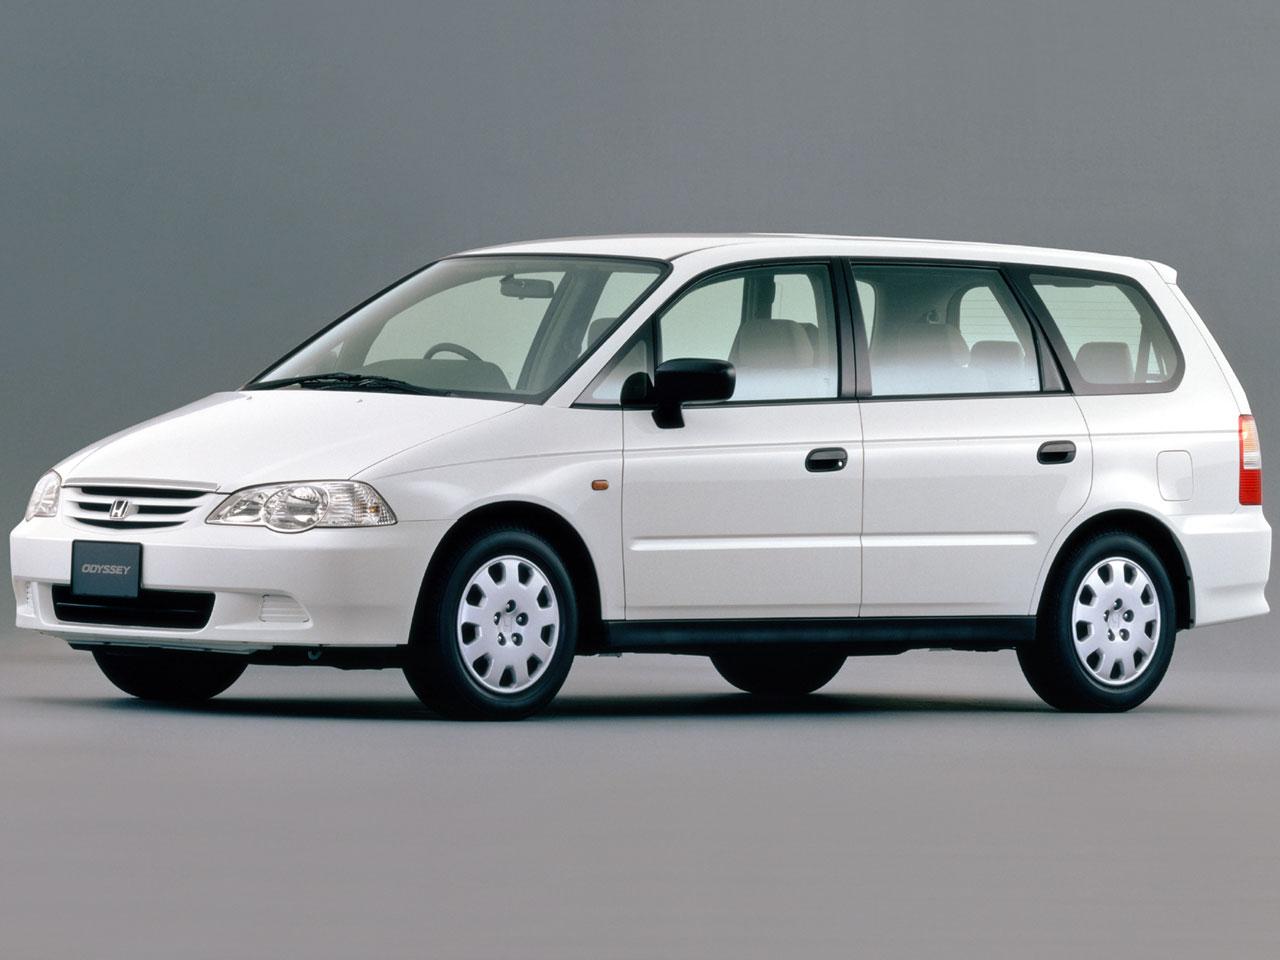 ホンダ オデッセイ 1999年モデル 新車画像